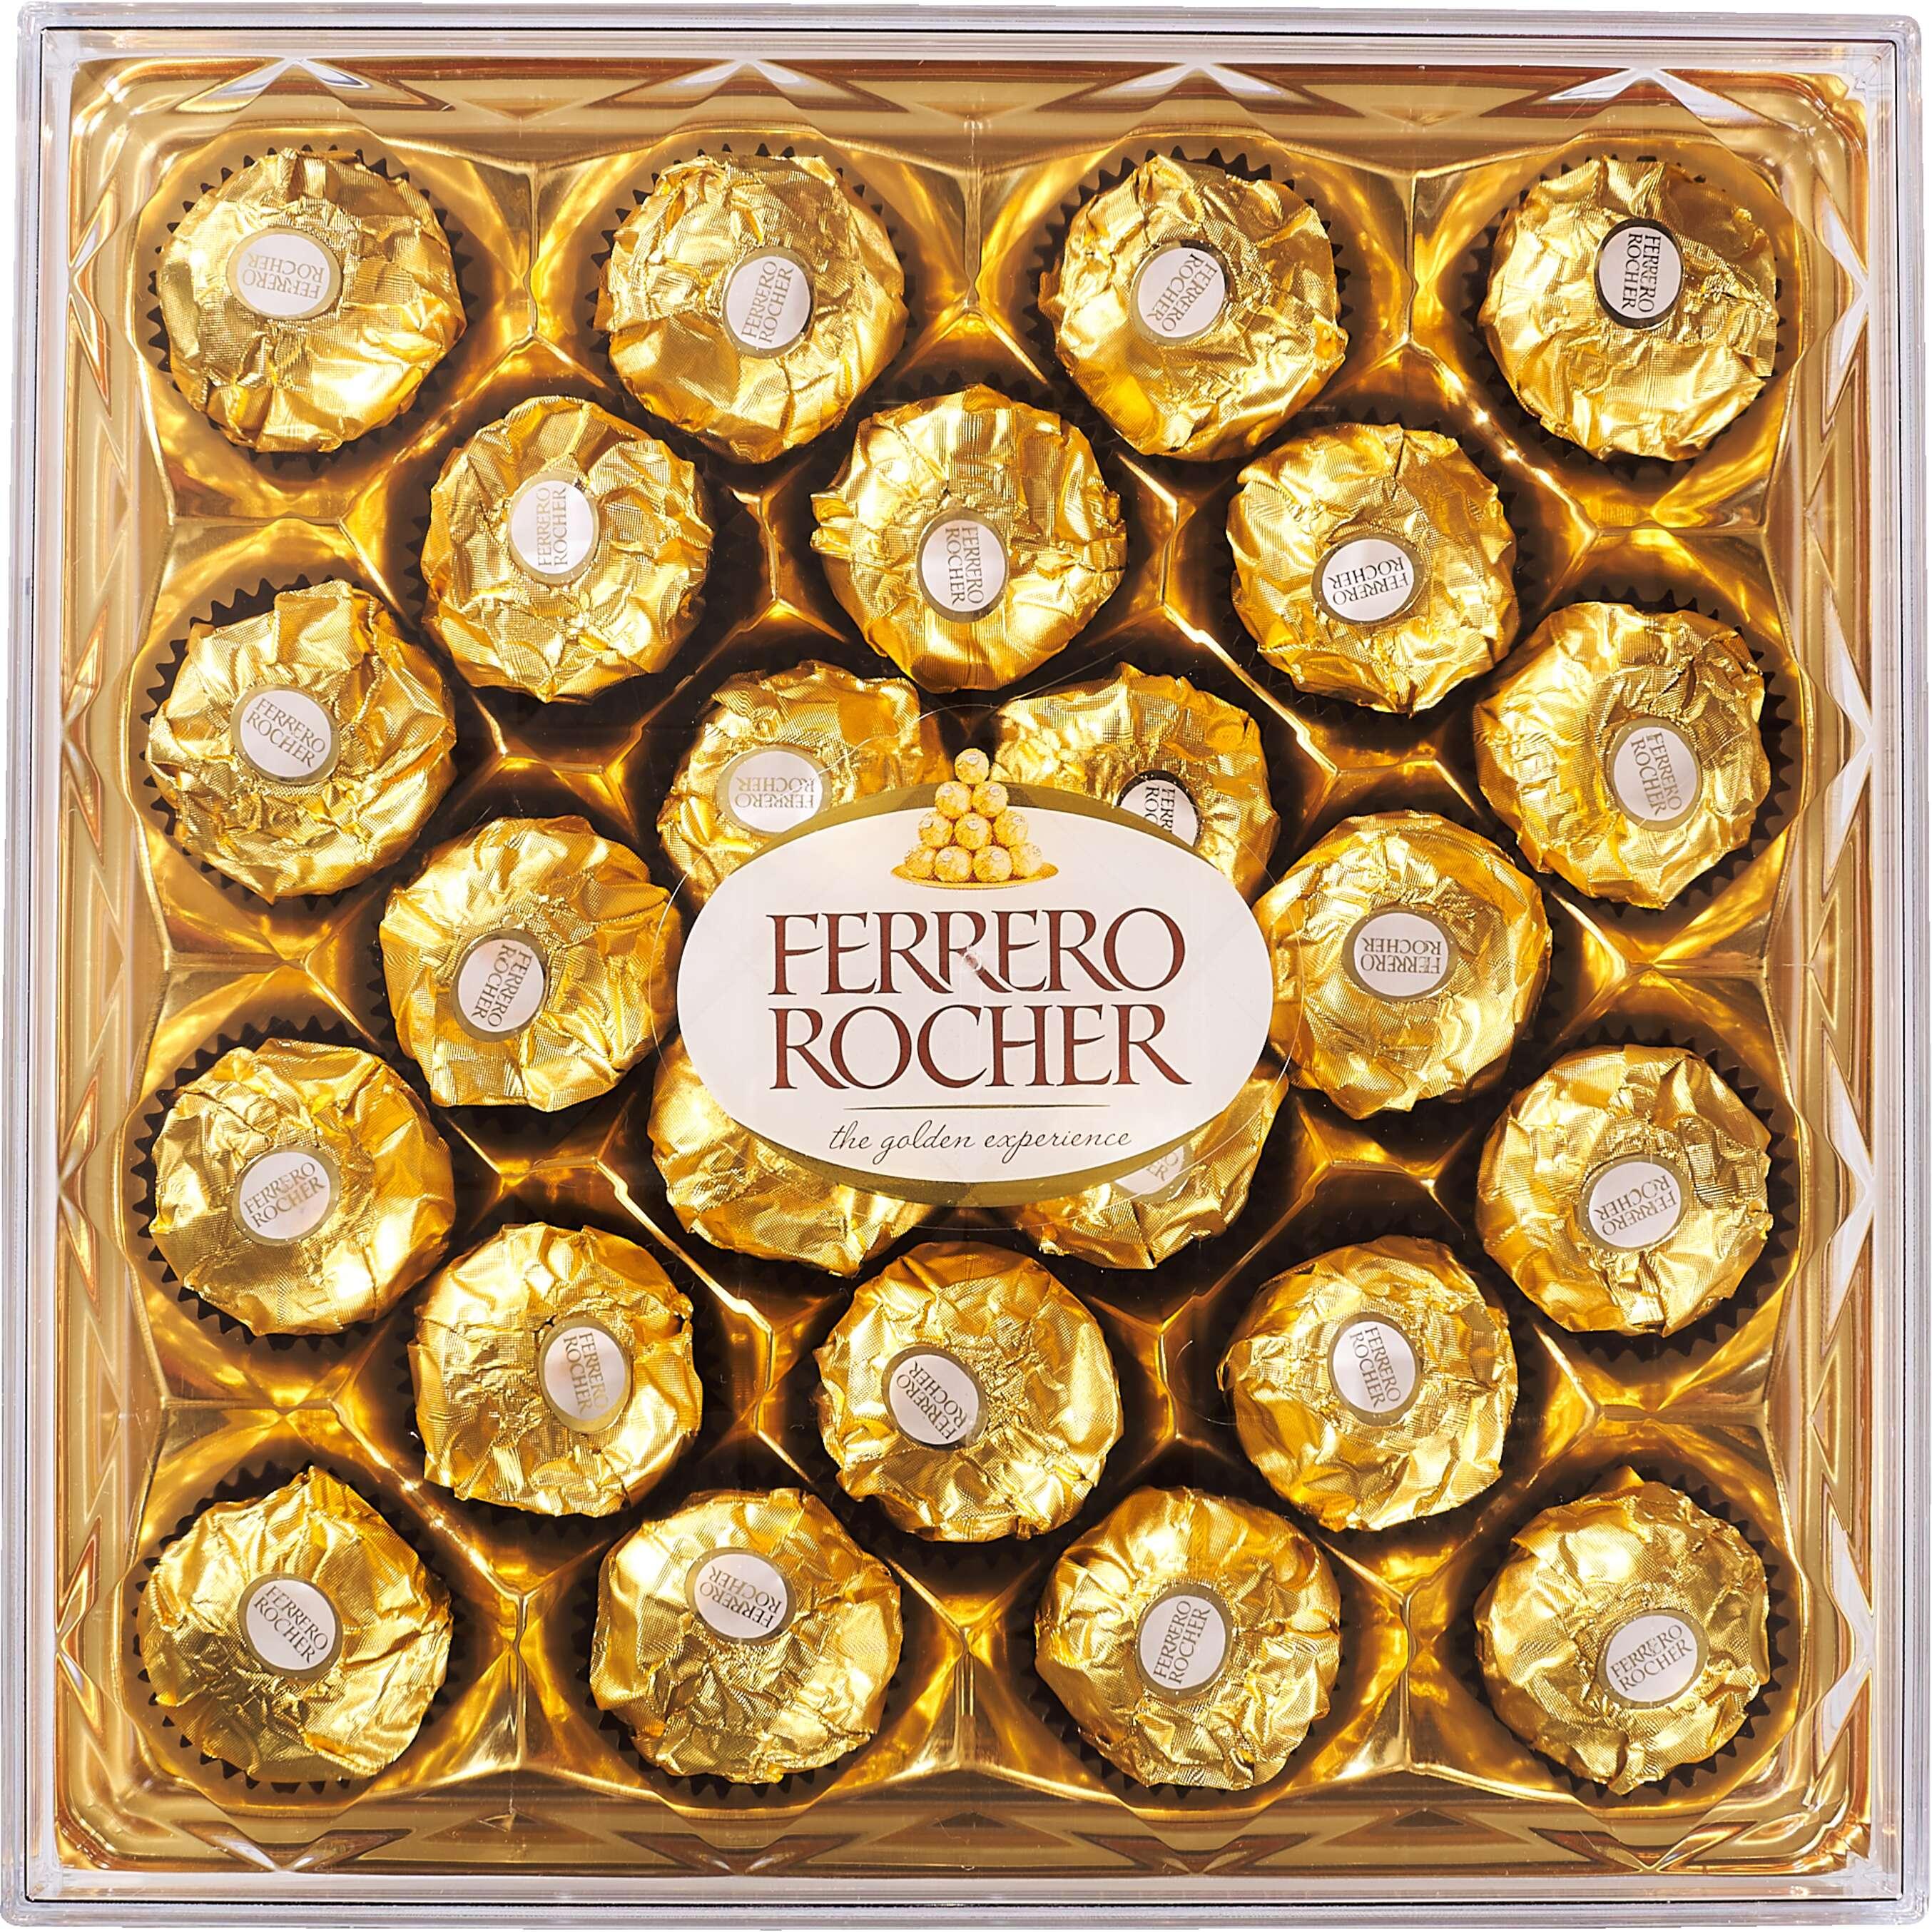 Изображение за продукта Ferrero Rocher Бонбони